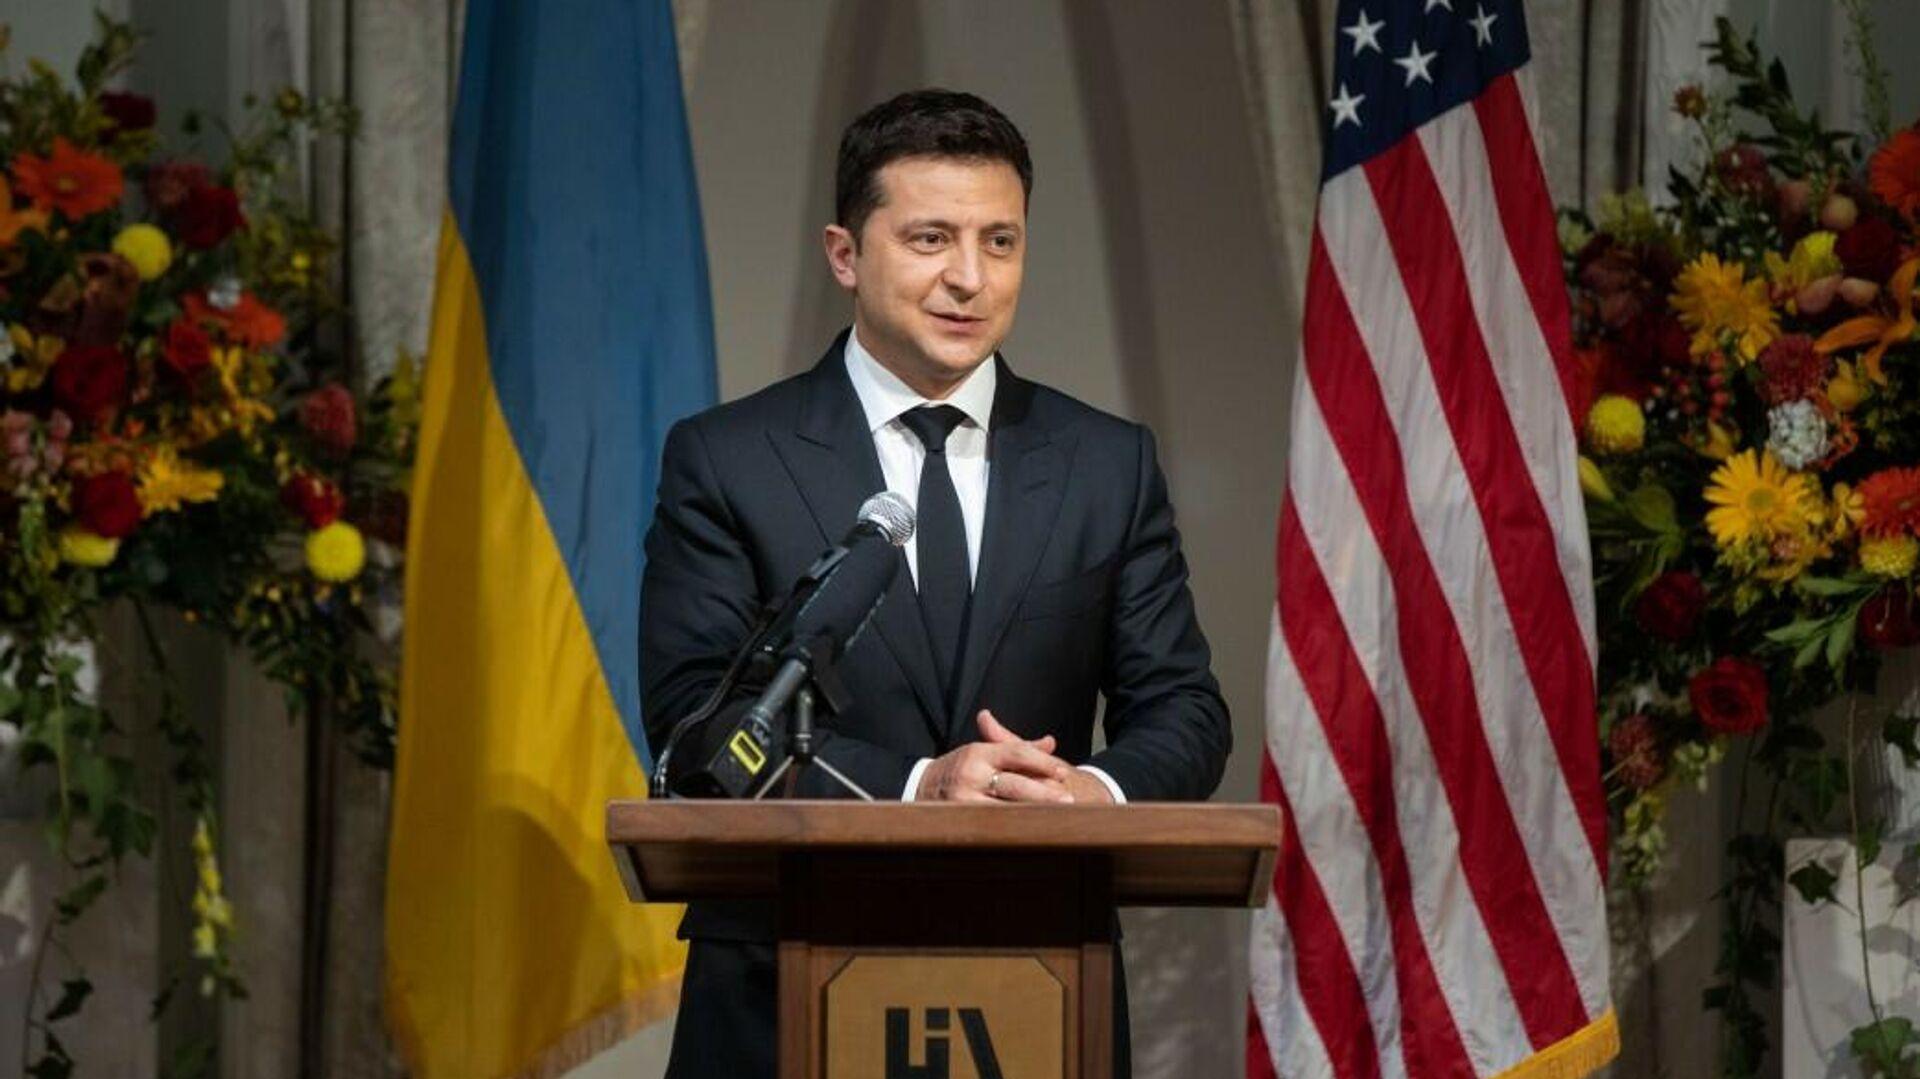 Президент Украины Владимир Зеленский во время визита в Нью-Йорк - РИА Новости, 1920, 22.09.2021